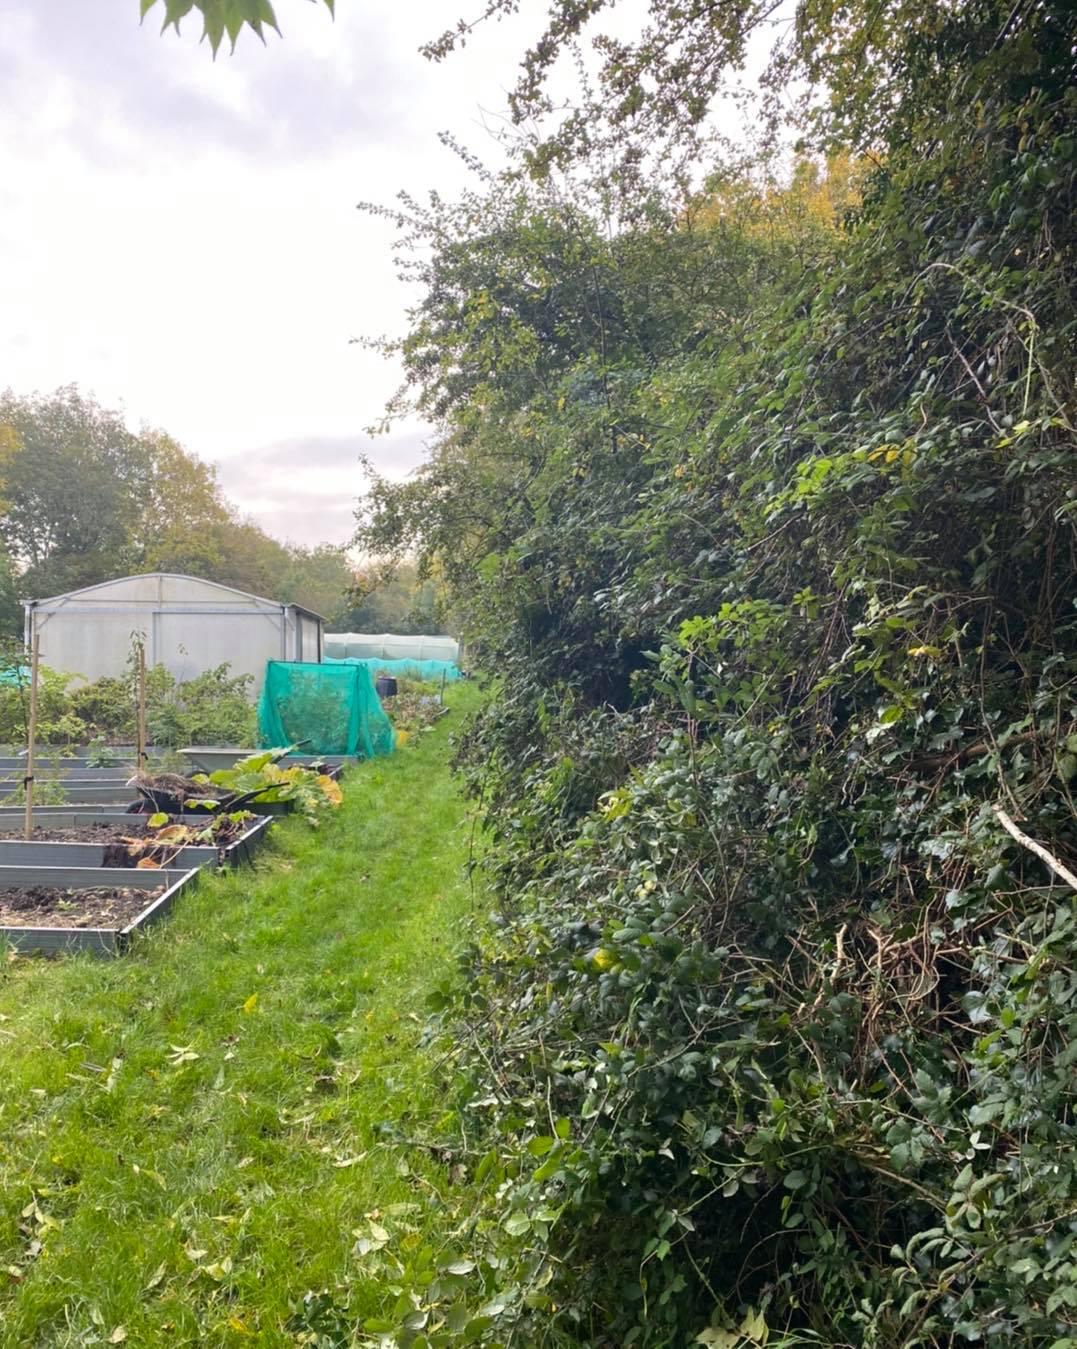 overgorwn hedge before oct20-2020jpg